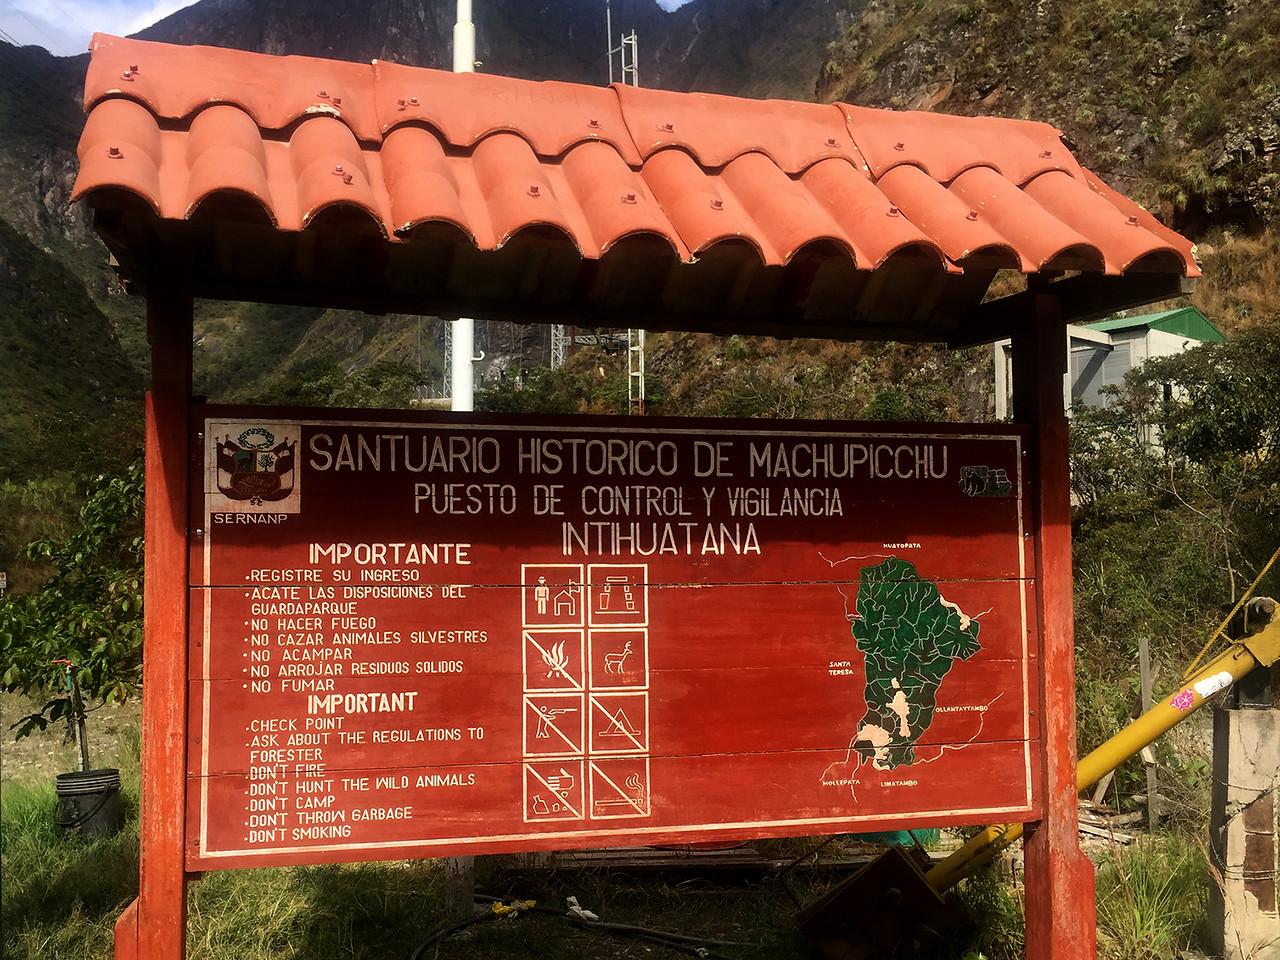 End of motorable road to Machu Picchu, Peru